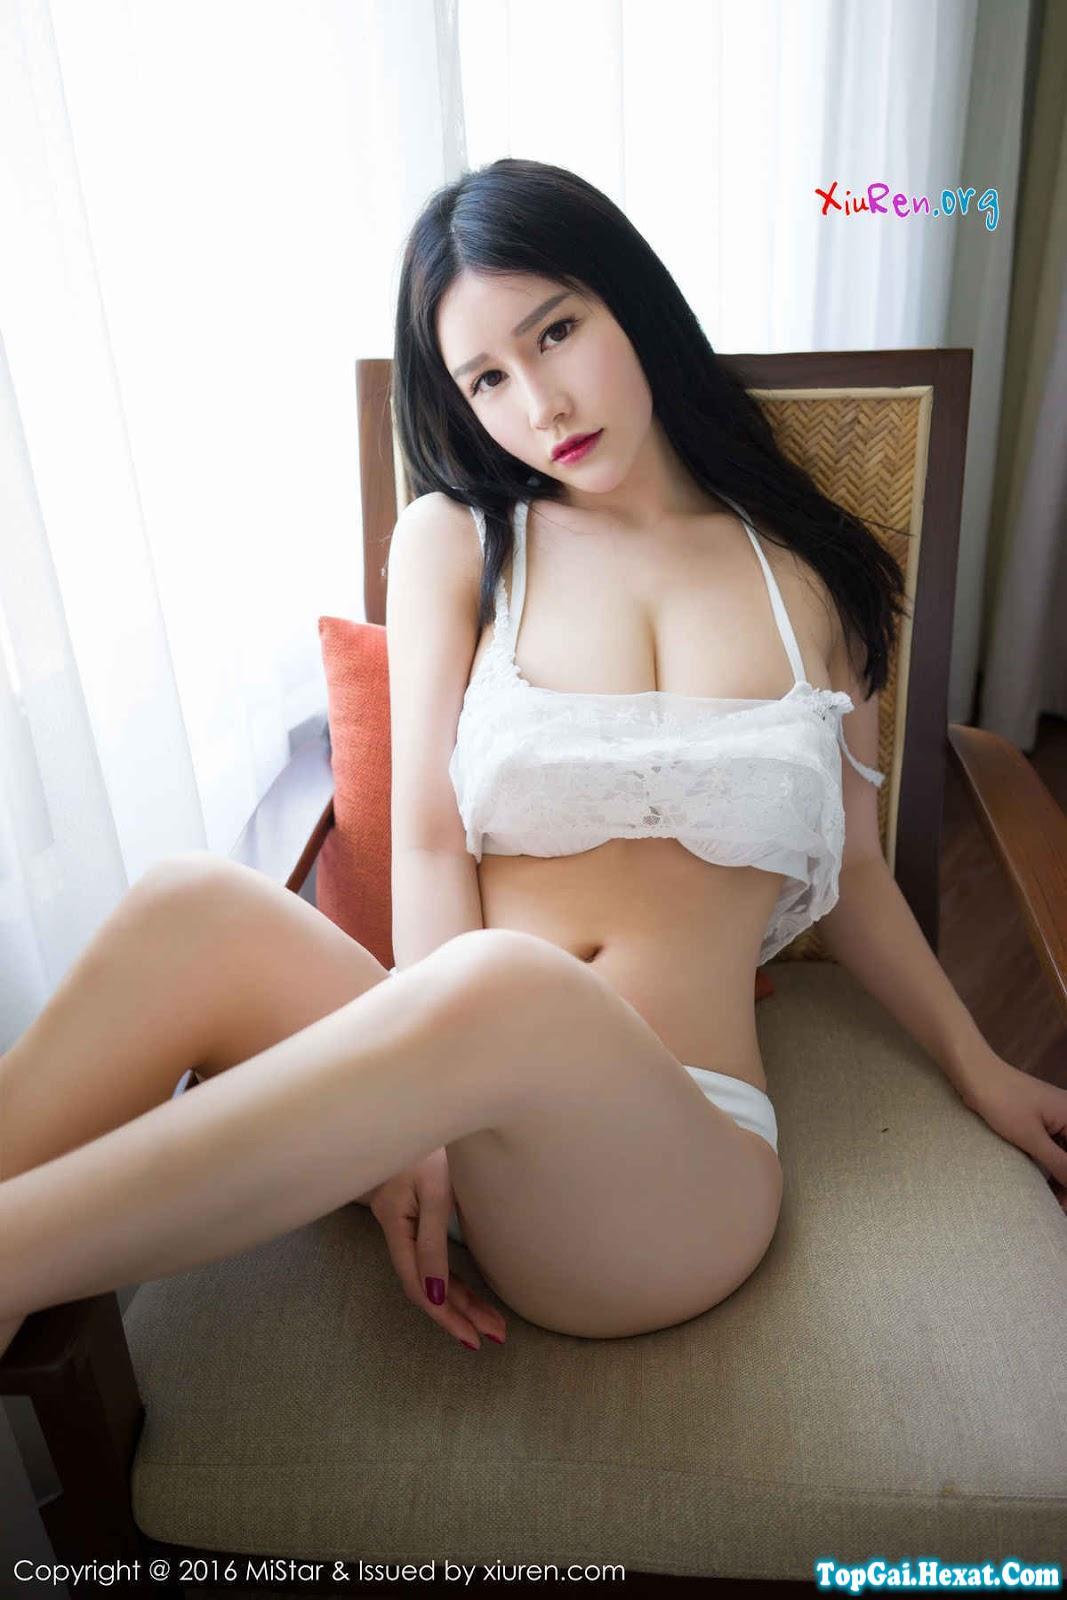 Gái xinh ngực khủng với áo ngủ xuyên thấu